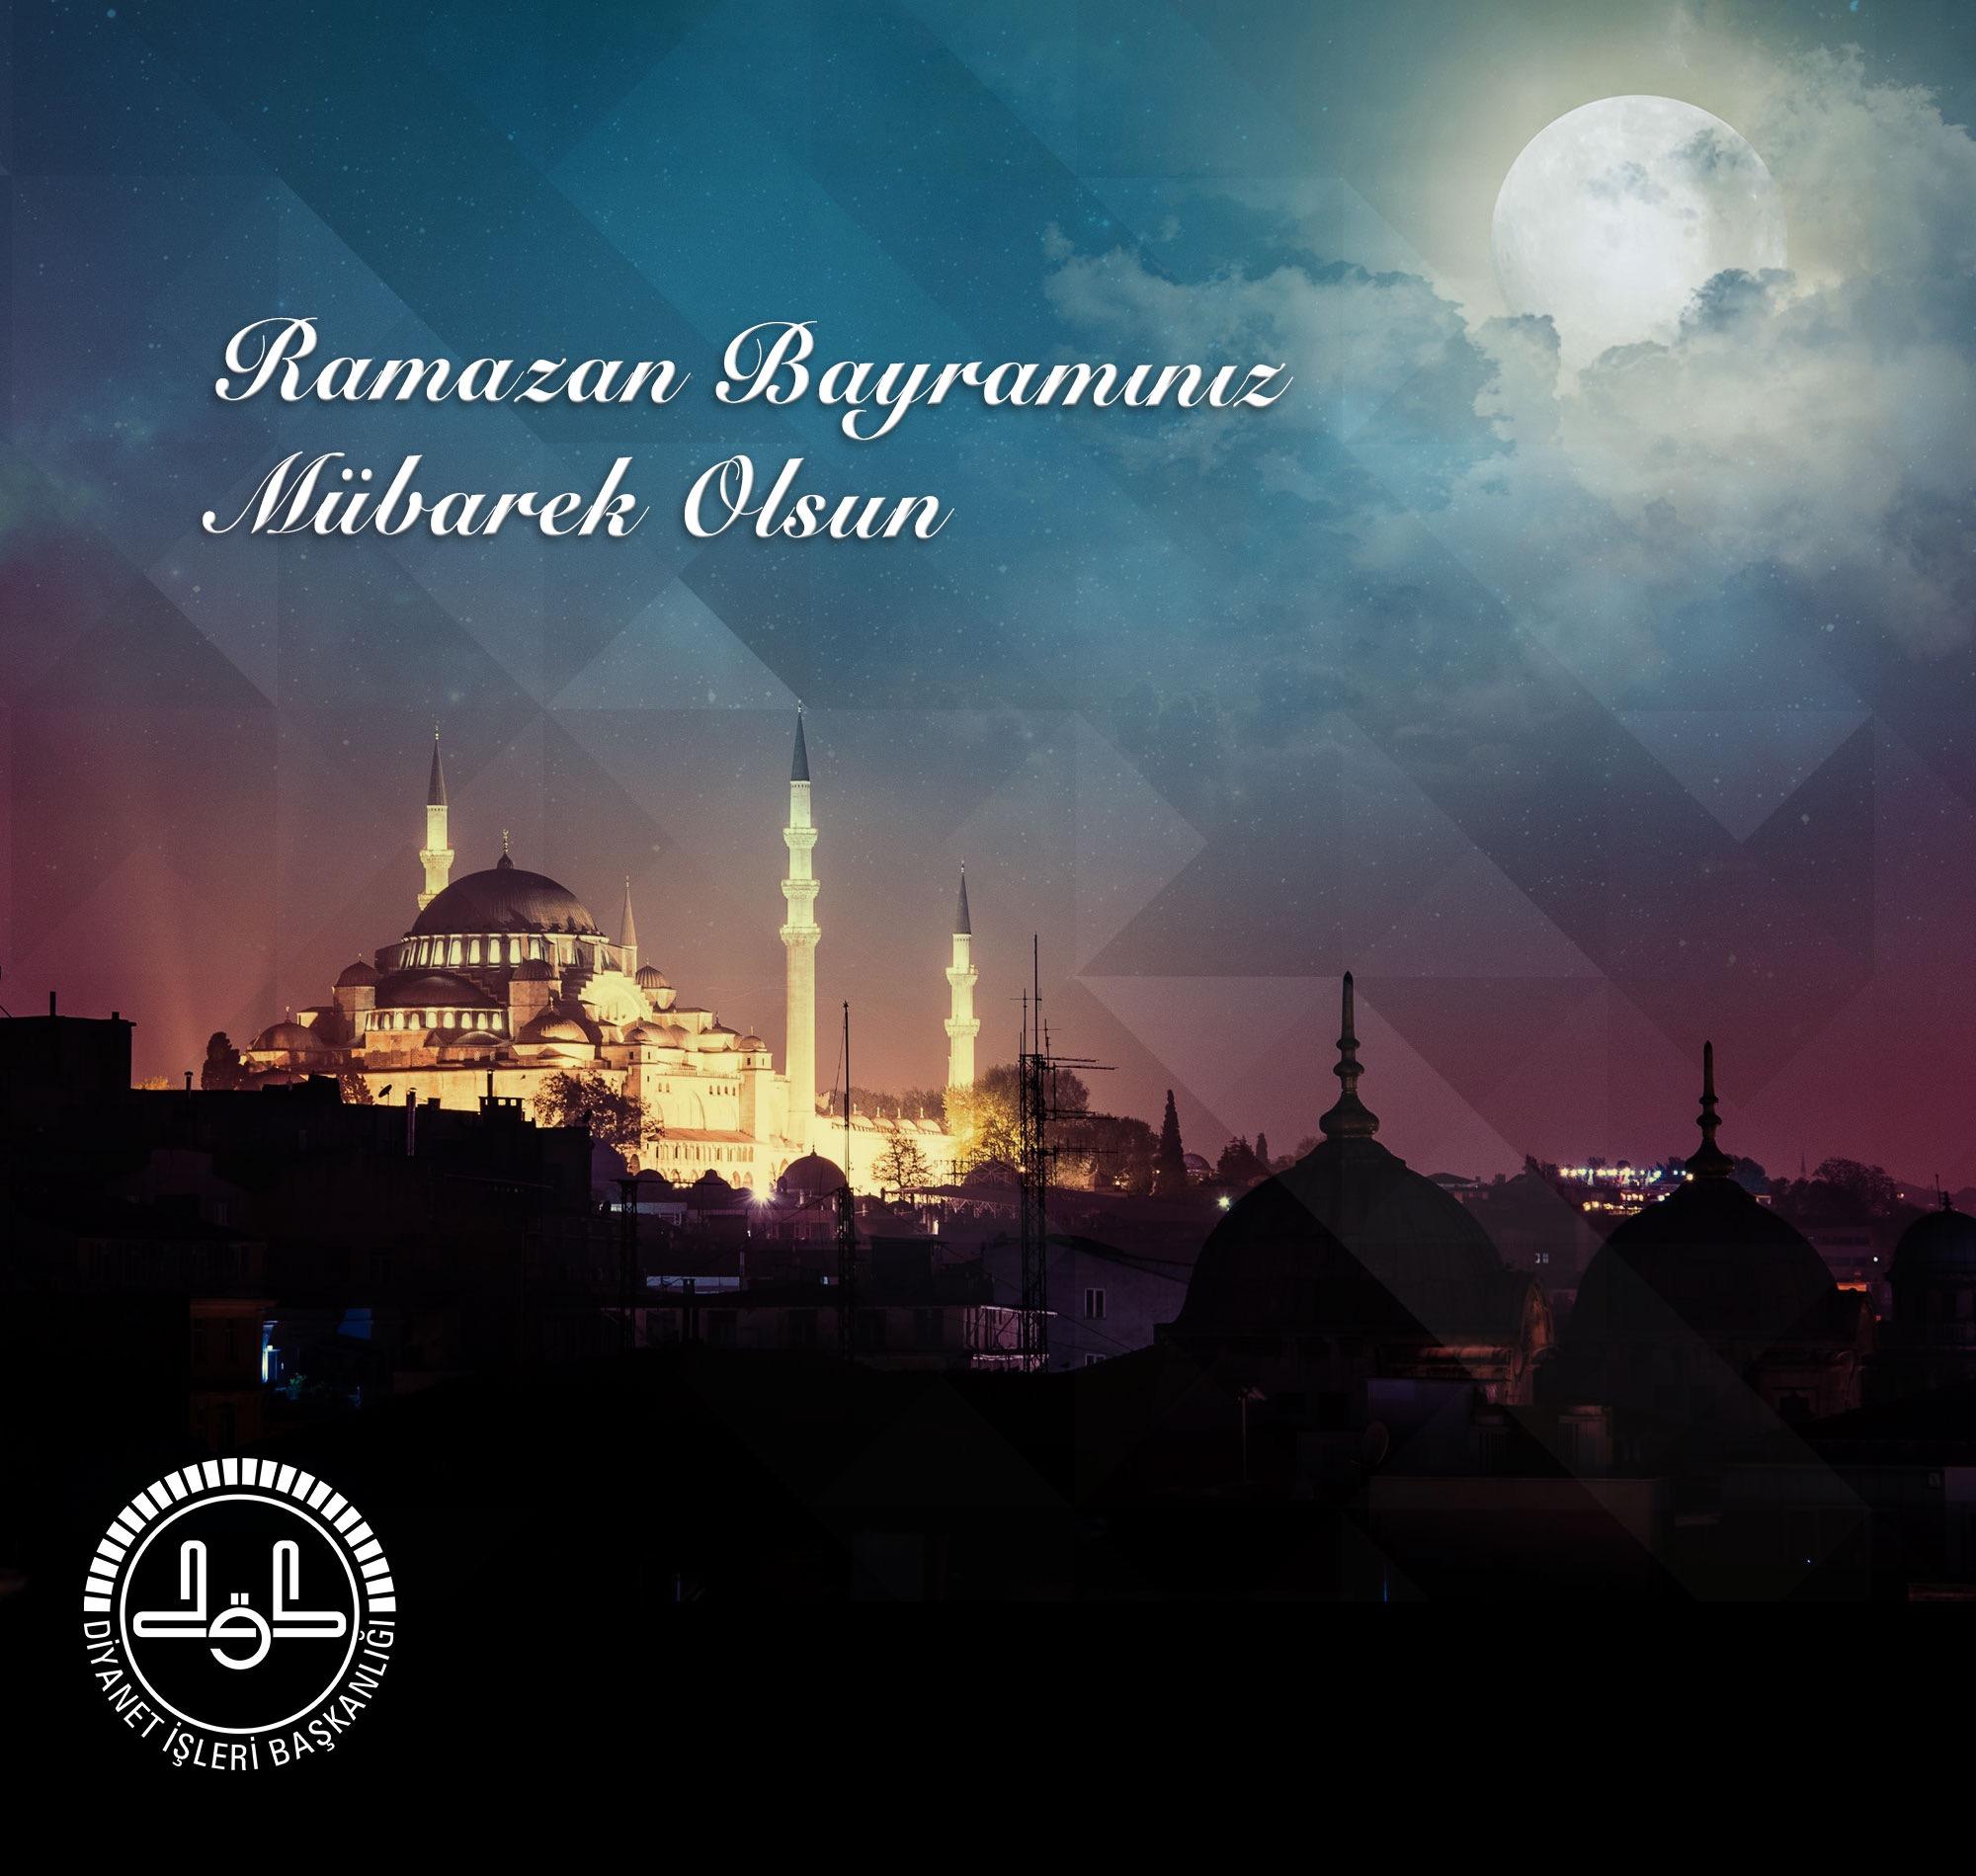 Ramazan Bayramınız-(mız) Kutlu Olsun!!!